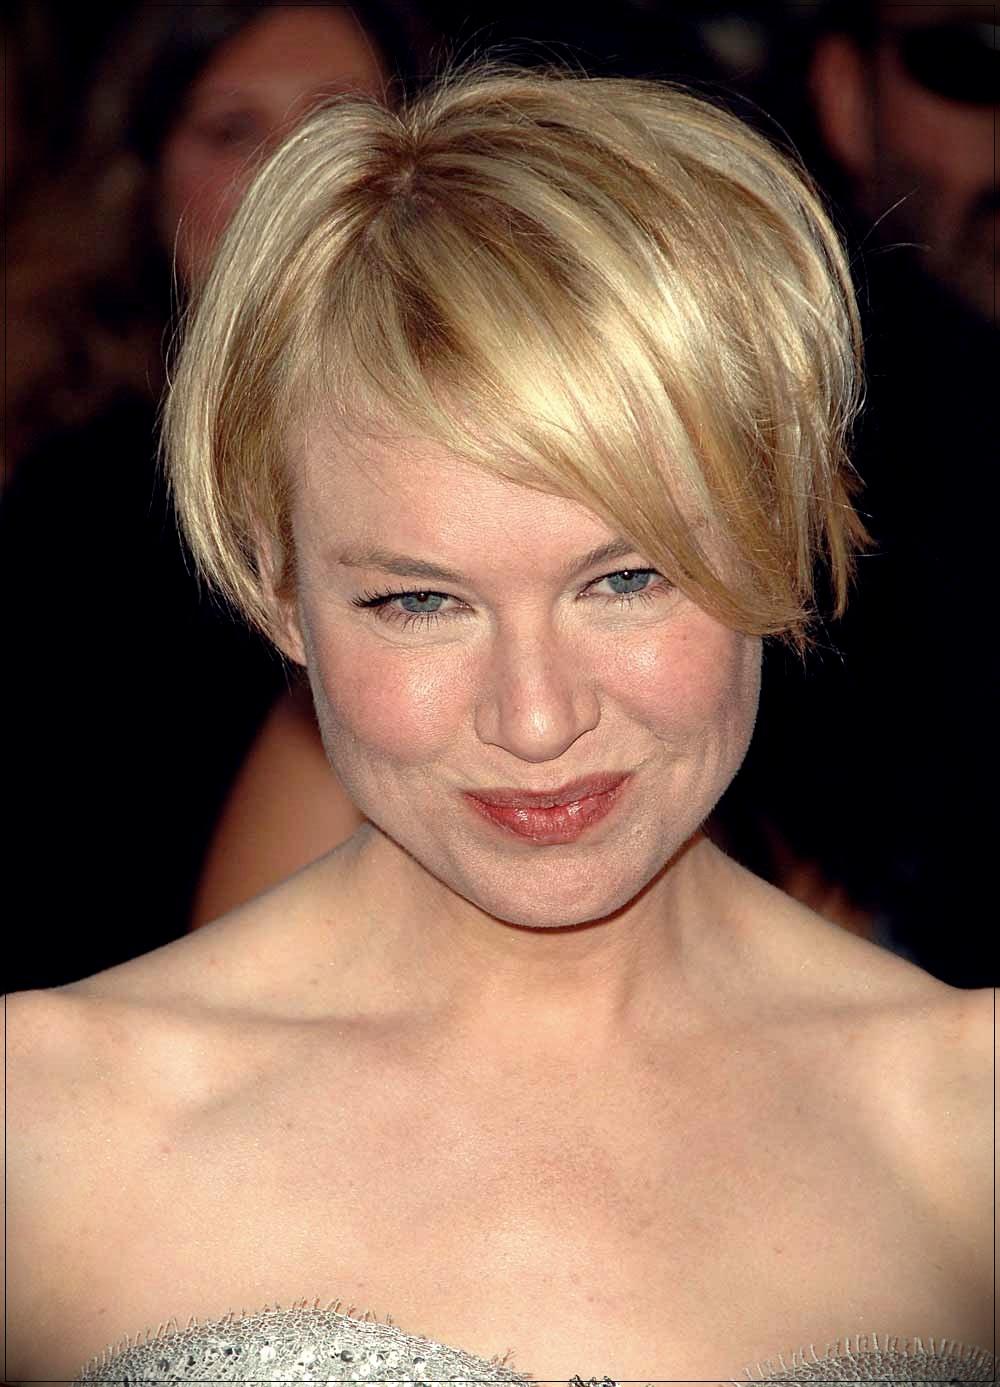 Pixie cut Renee Zellweger